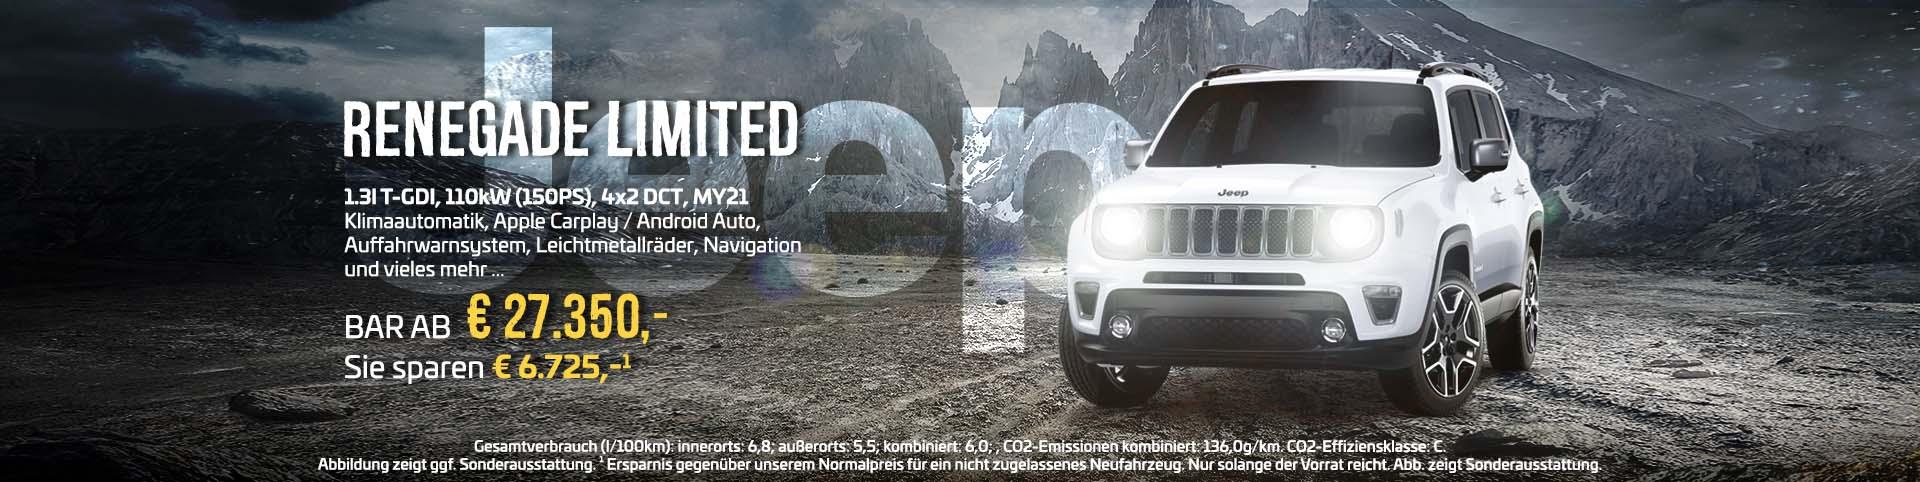 Jeep Renegade günstig bei Preckel Automobile